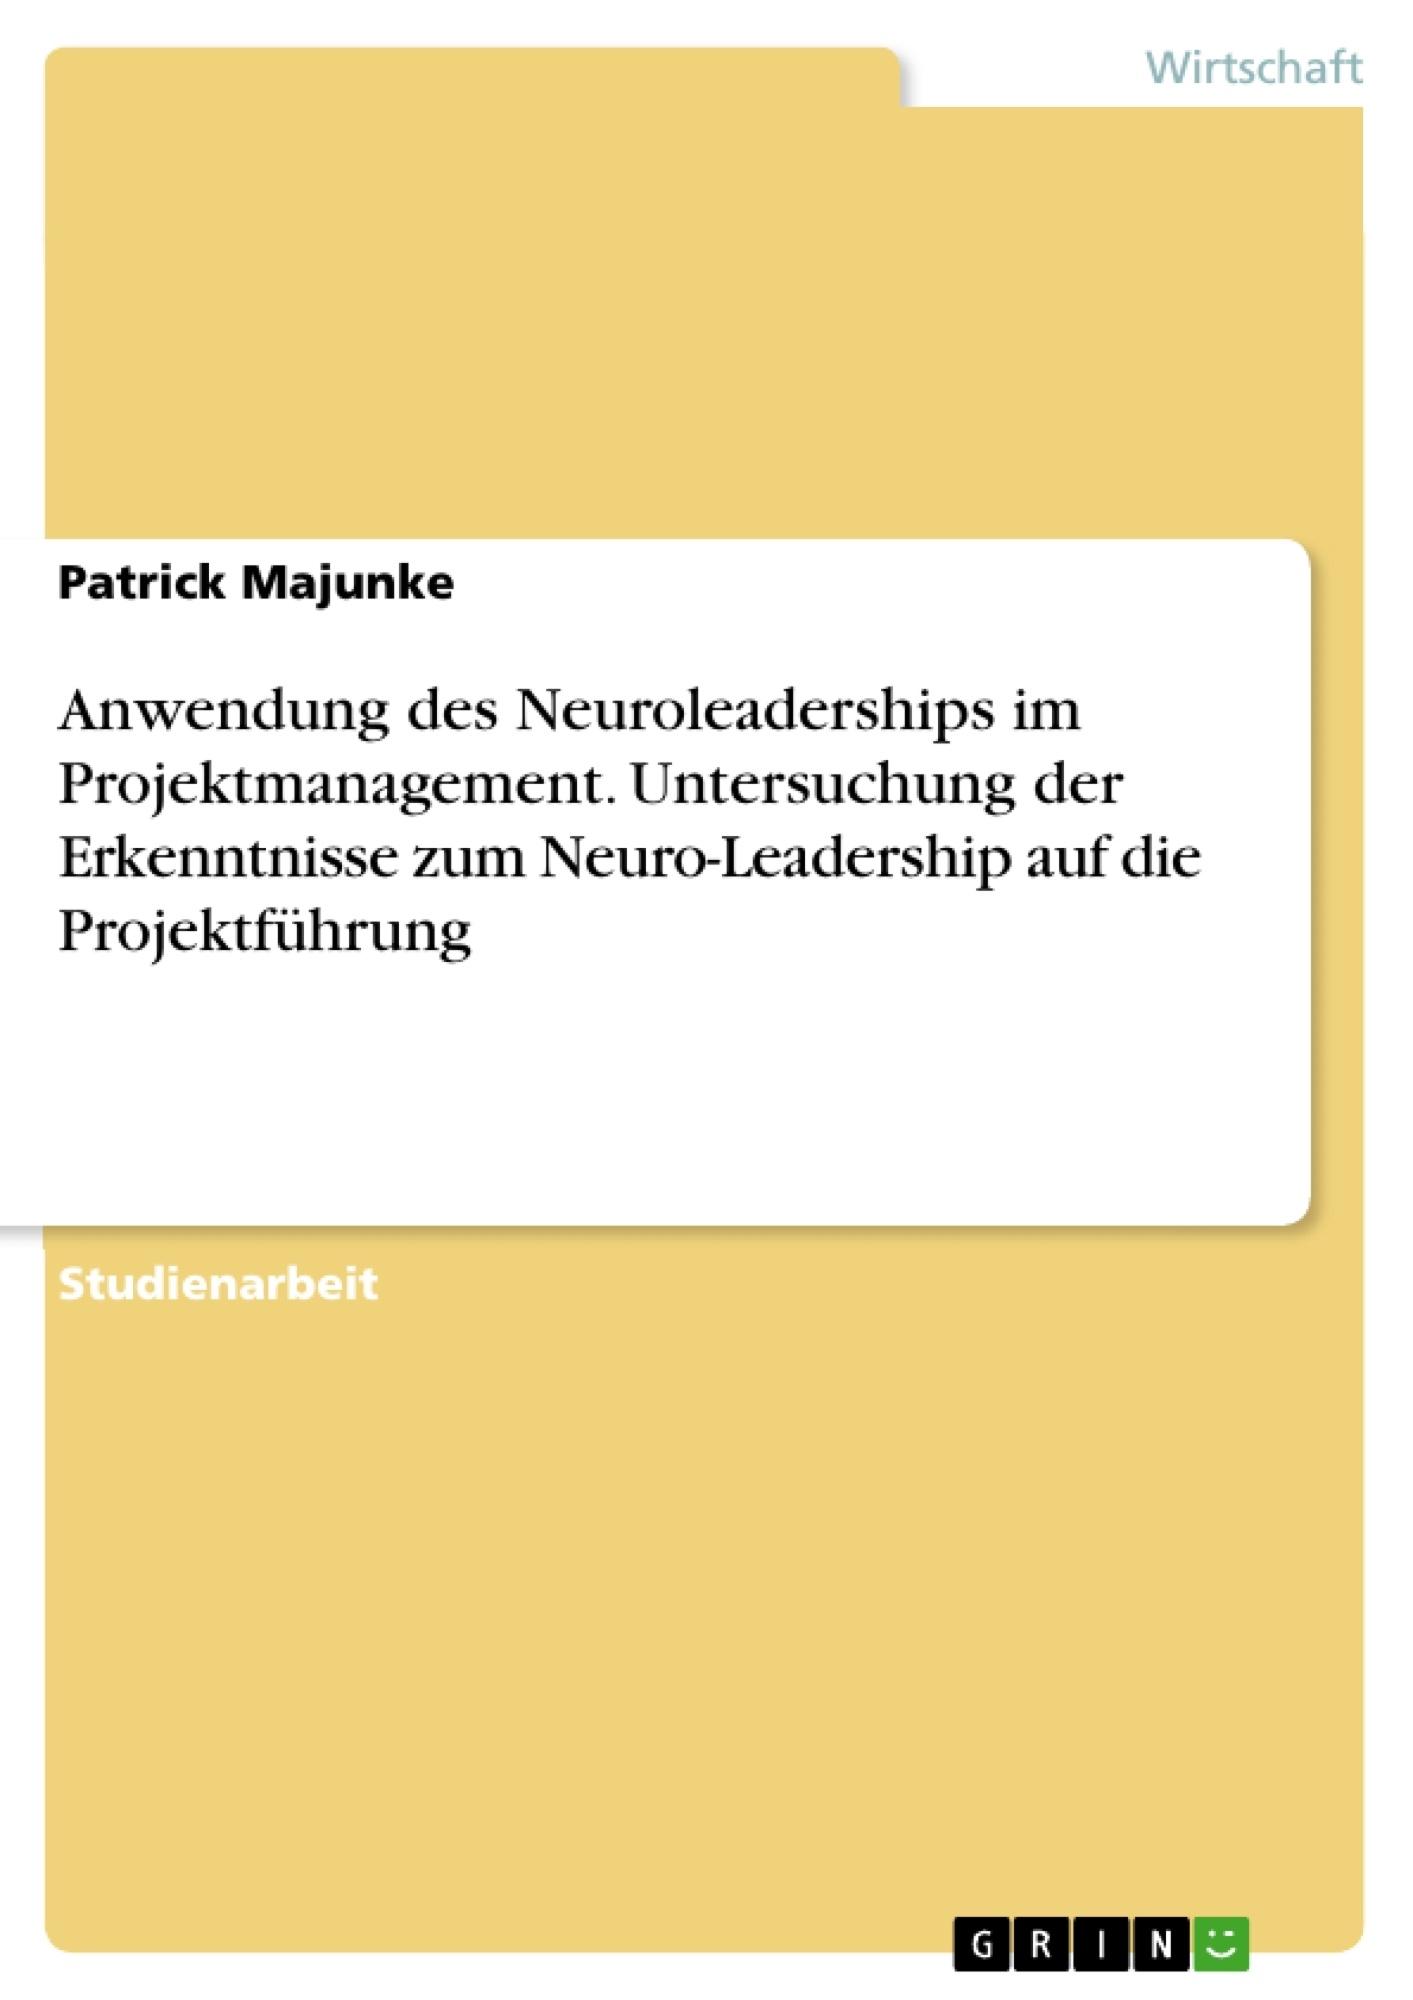 Titel: Anwendung des Neuroleaderships im Projektmanagement. Untersuchung der Erkenntnisse zum Neuro-Leadership auf die Projektführung